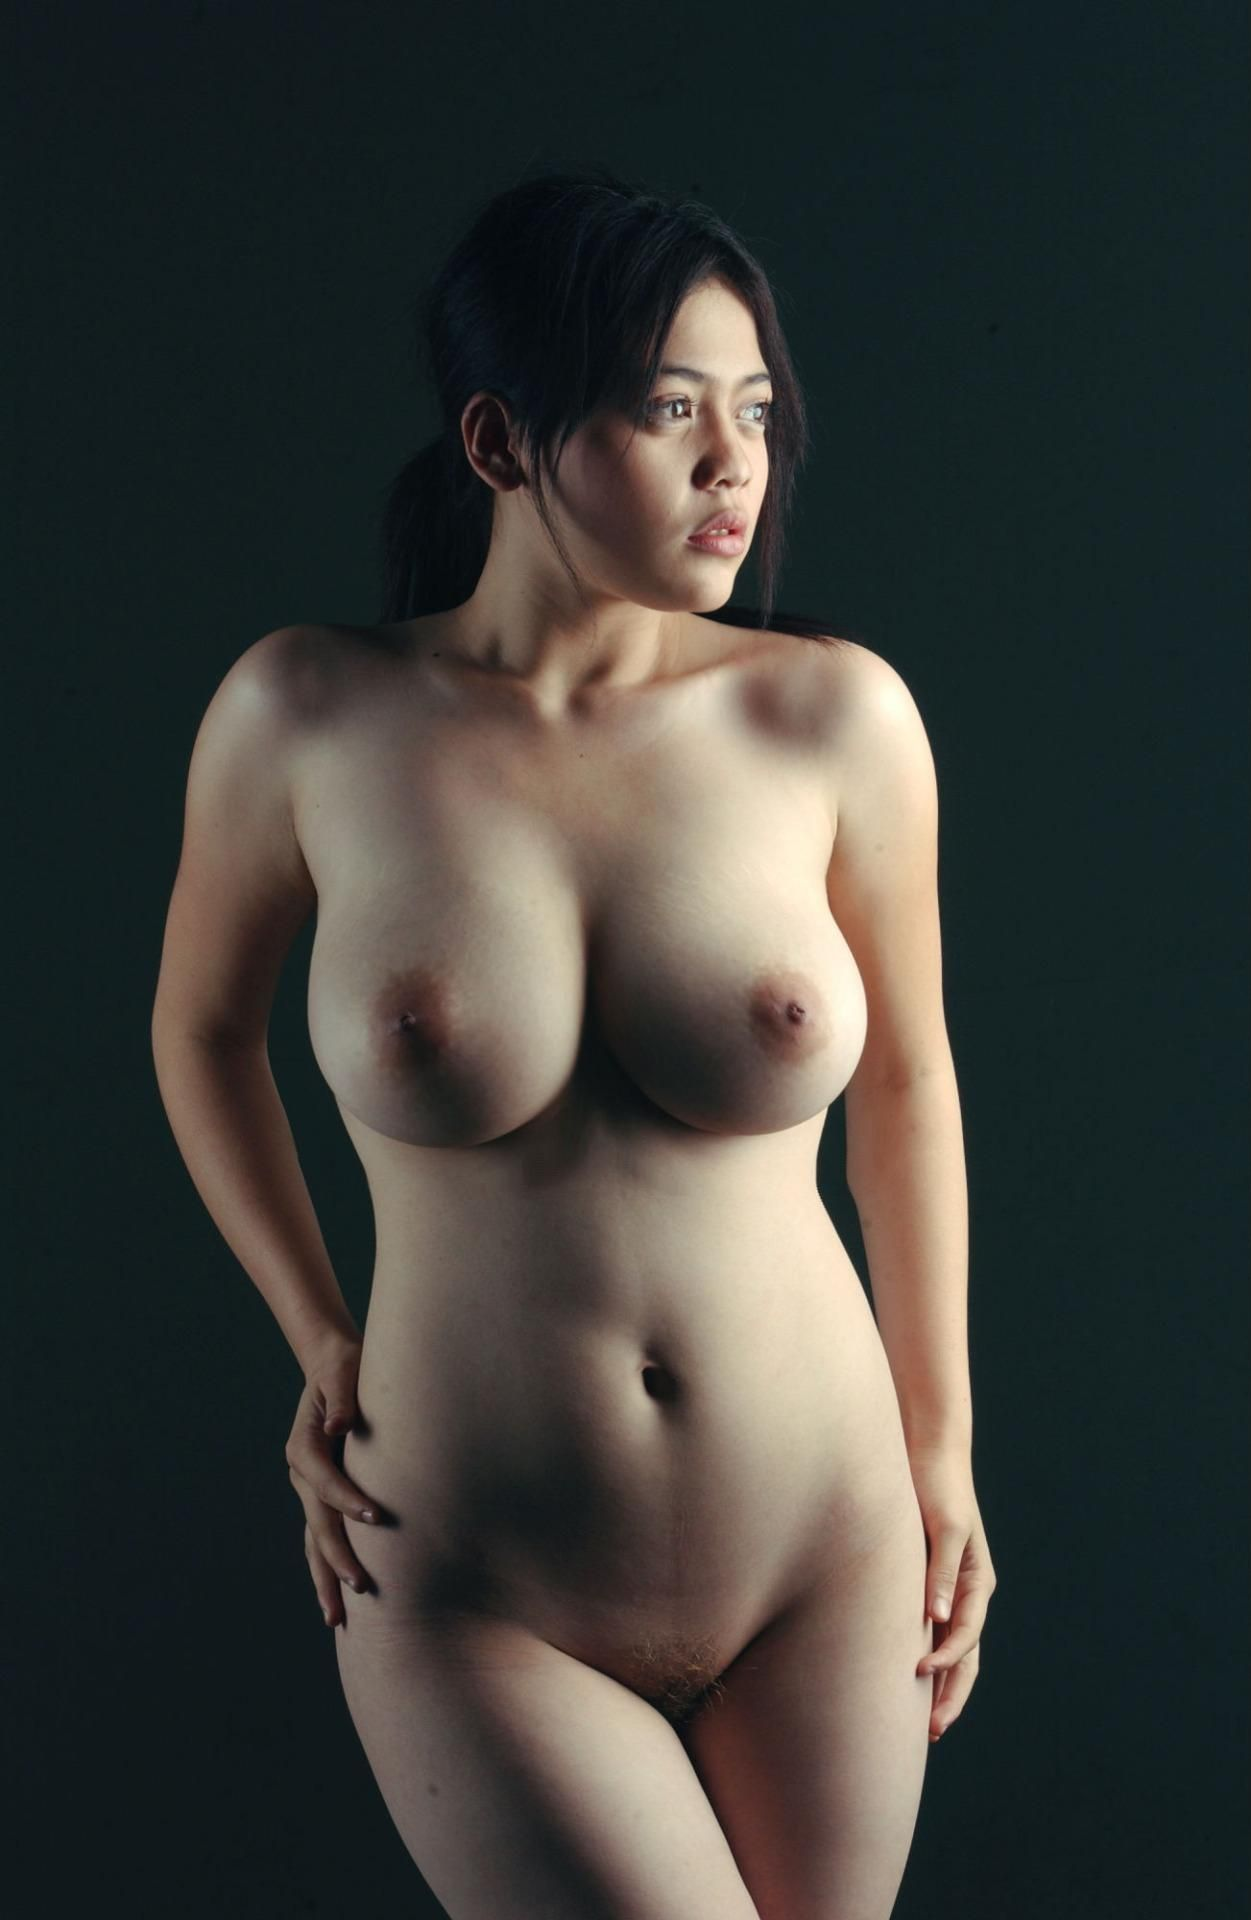 Horny sluts nude sex